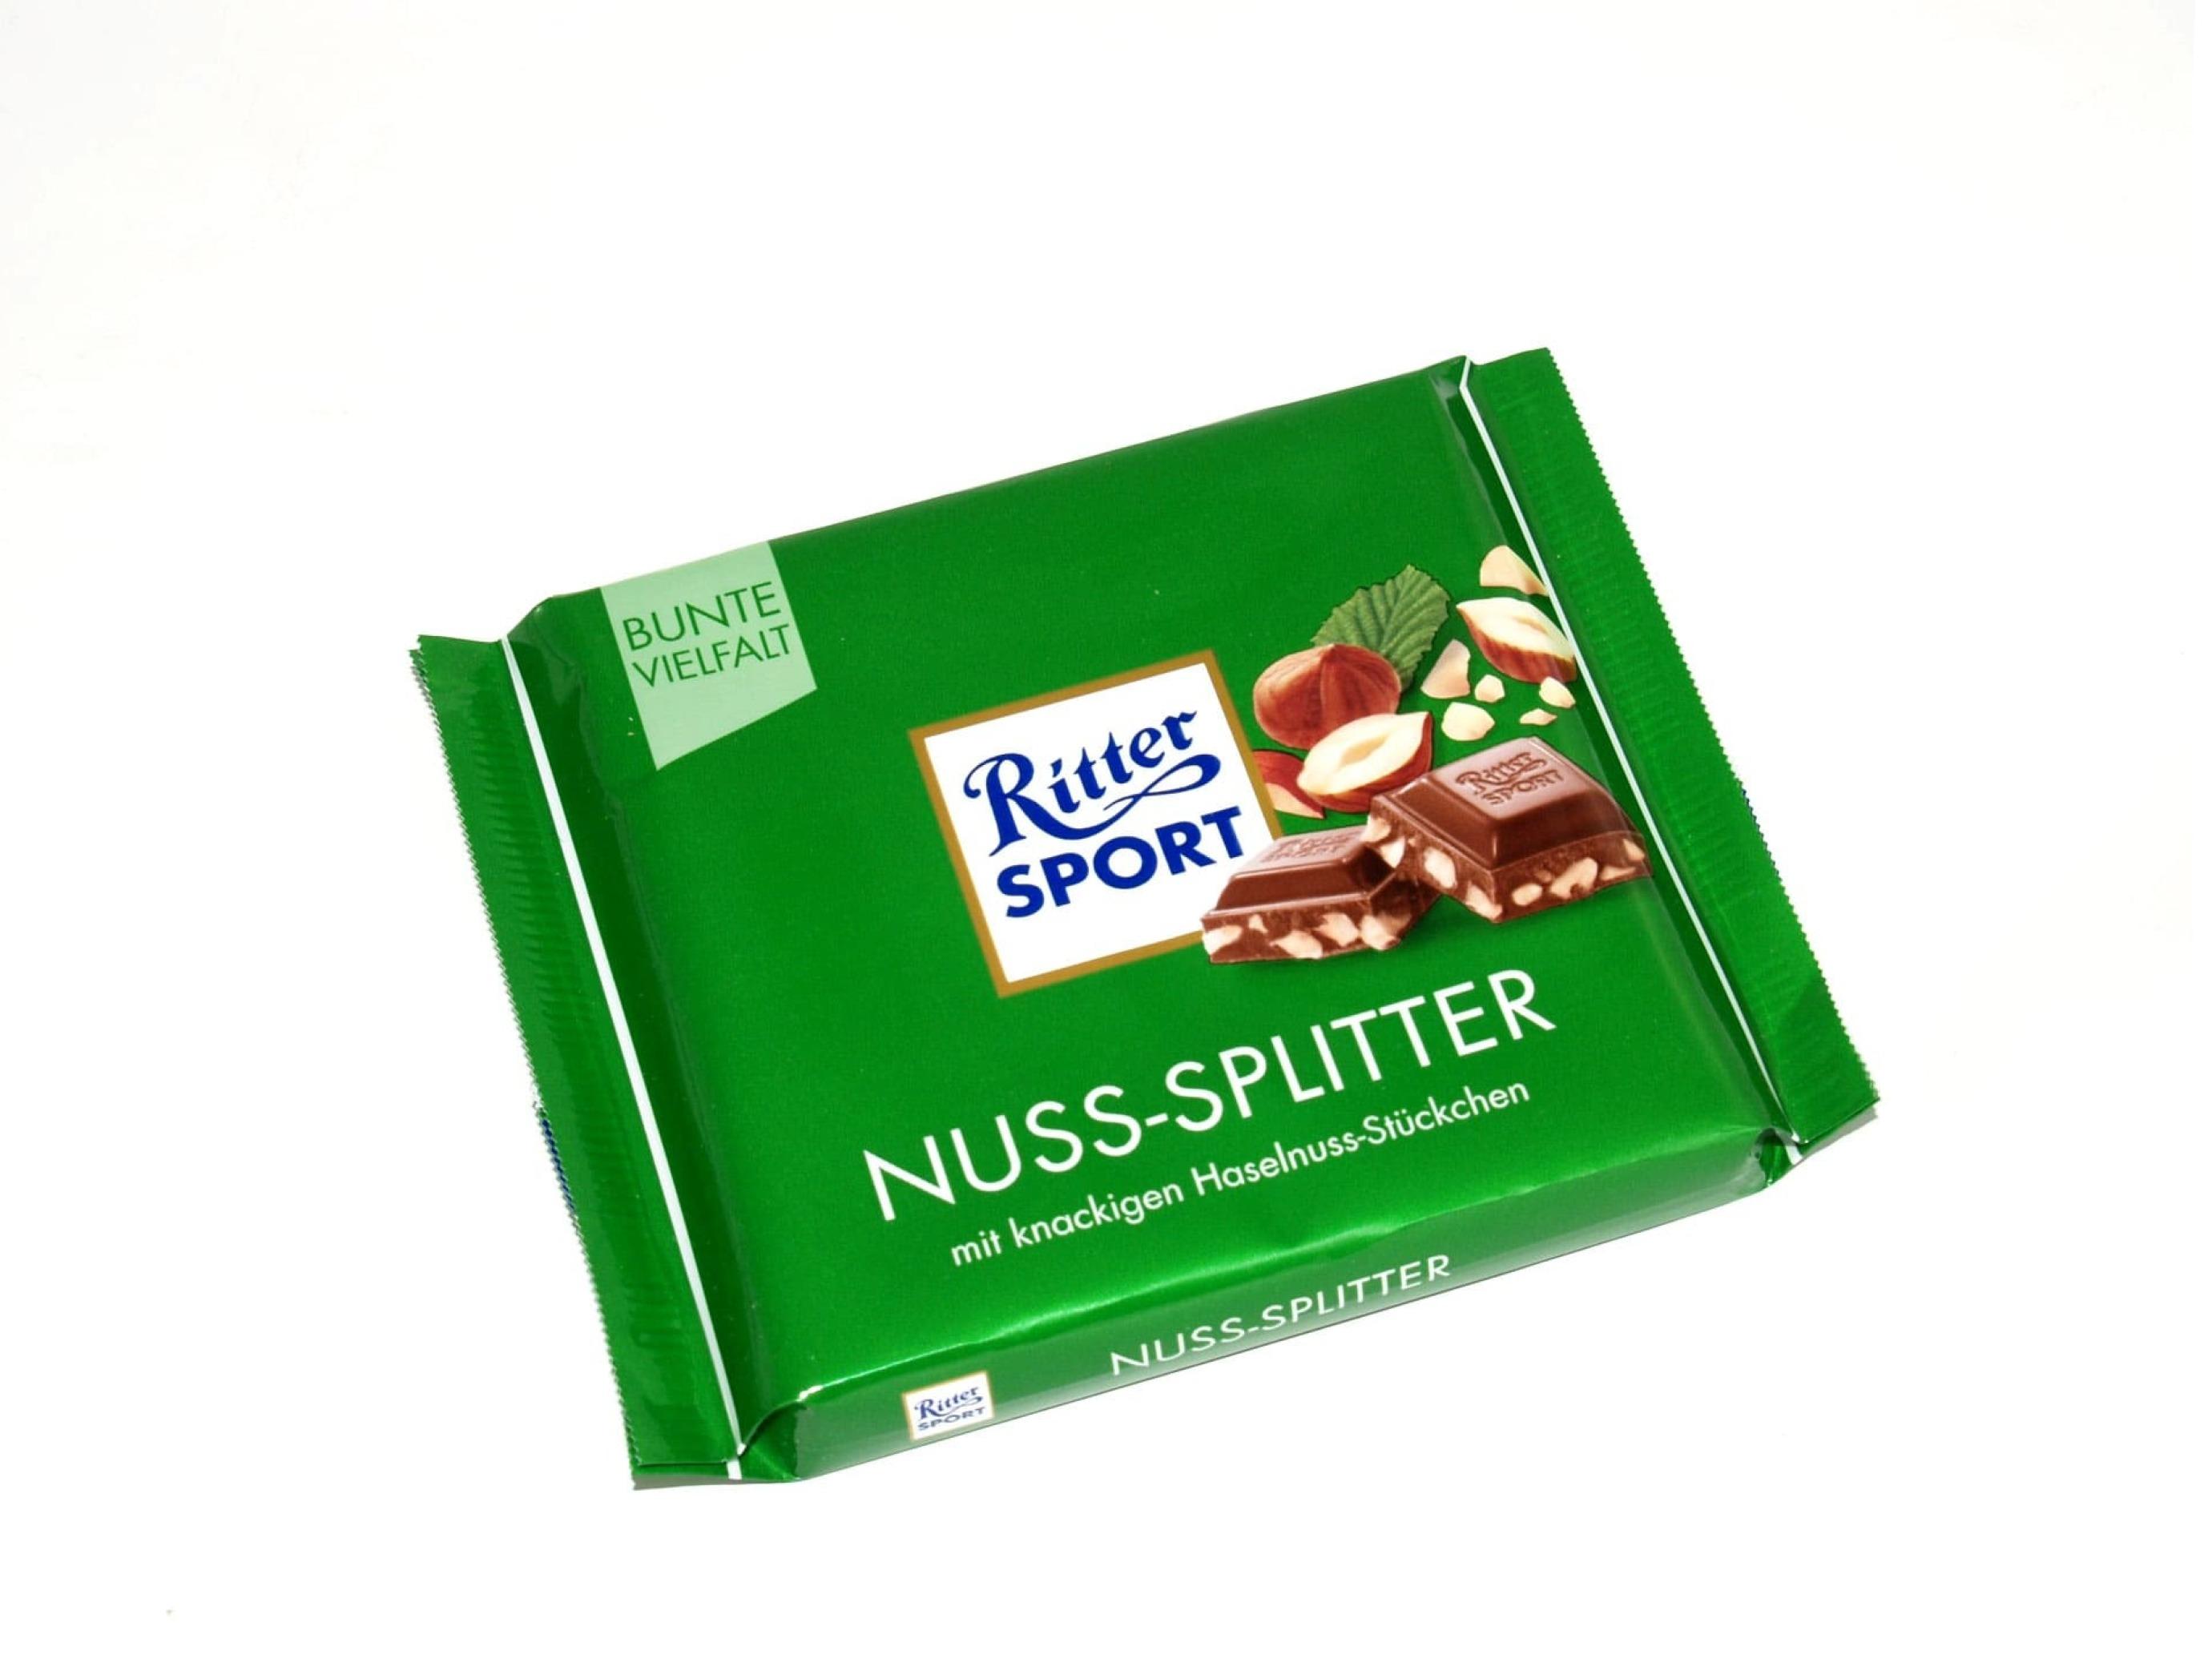 خرید اینترنتی شکلات 100 گرمی Ritter Sport مدل NUSS-SPLITTER شهر شکلات فروشگاه اینترنتی وجیسنک